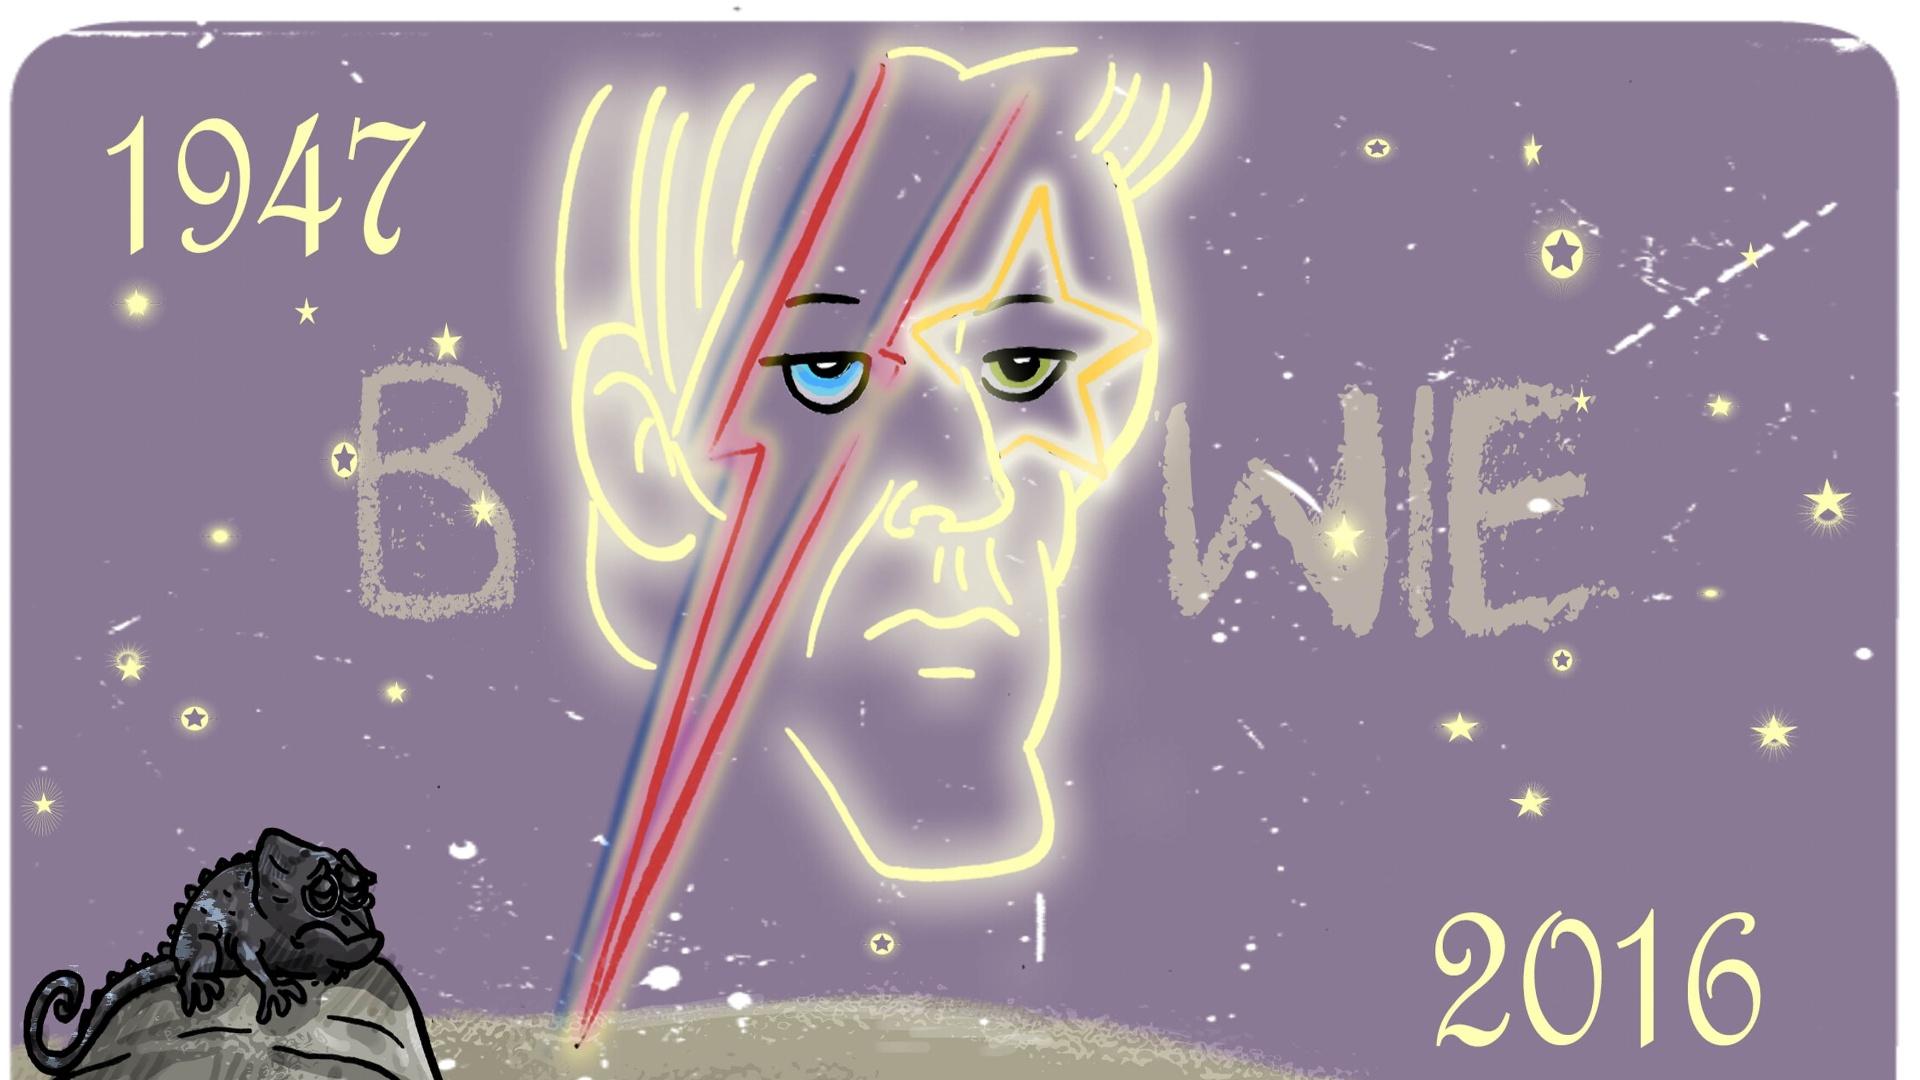 David Bowie nas estrelas foi a homenagem de Ed Carlos ao cantor